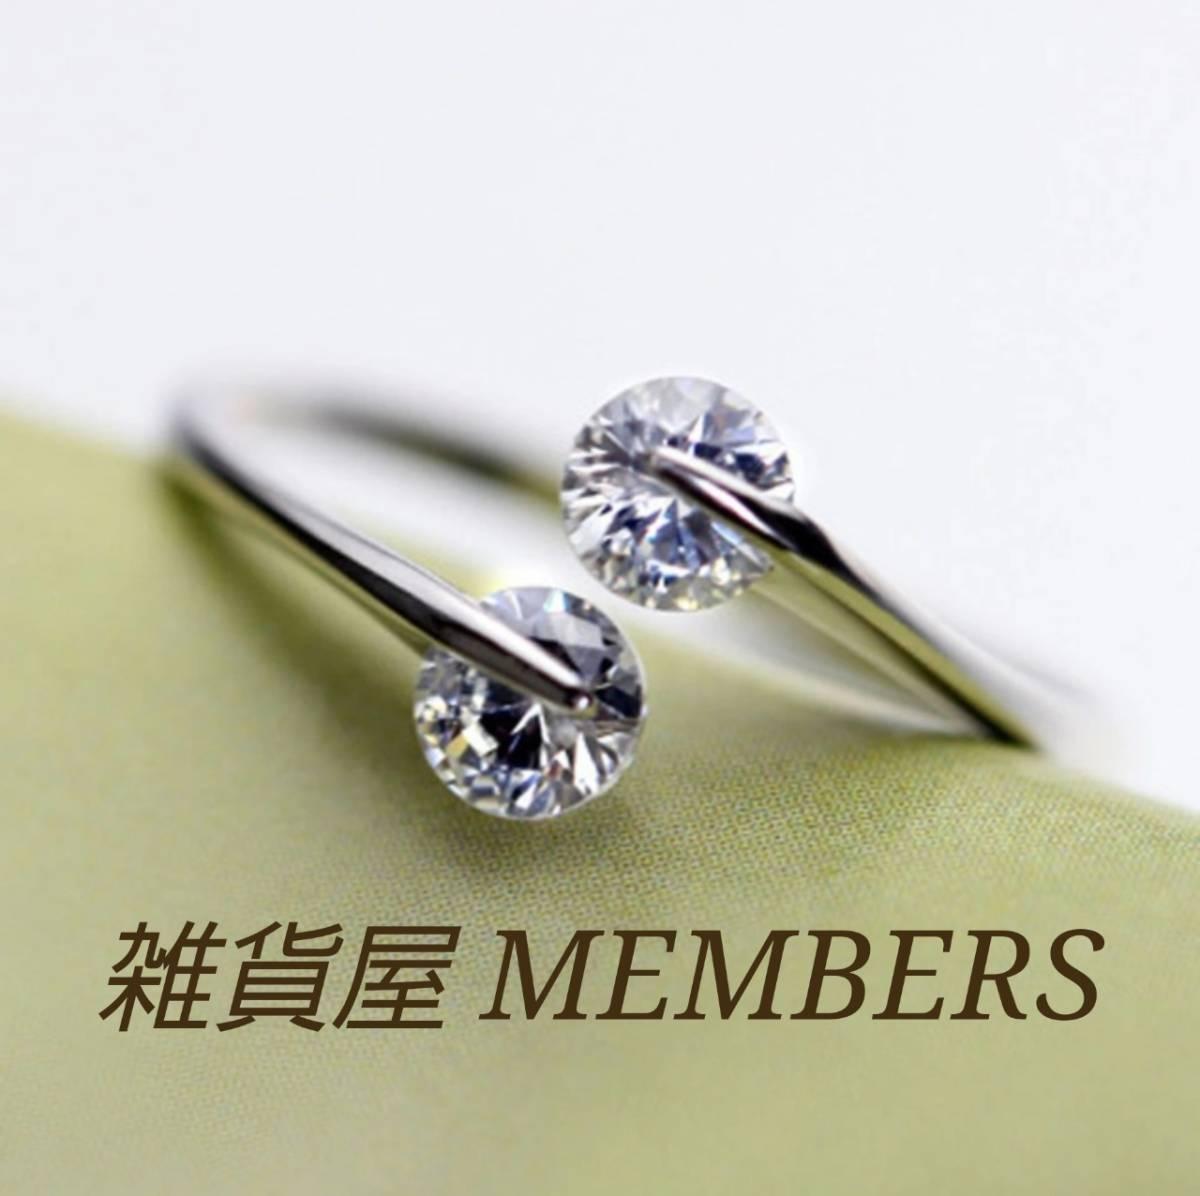 送料無料フリーサイズ14号クロムシルバー2ポイントスーパーCZダイヤモンドデザイナーズジュエリーリング指輪値下げ残りわずか_画像2